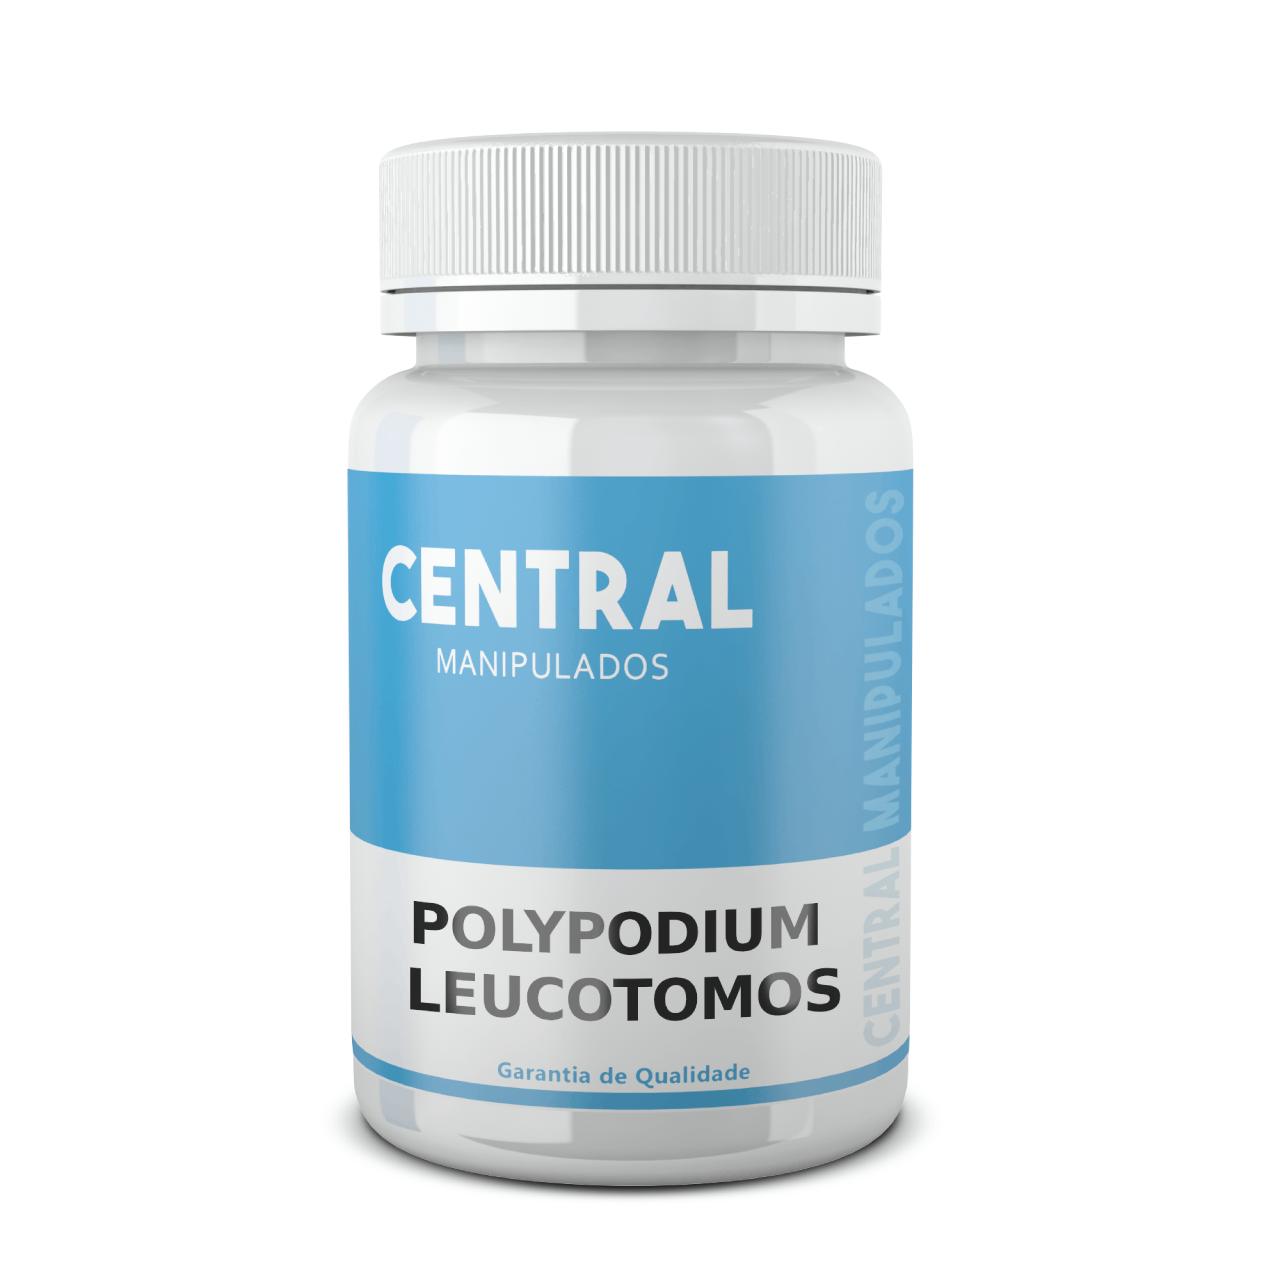 Polypodium Leucotomos 250mg - 60 Cápsulas - Protetor Solar em Cápsulas, Pele mais Resistentes aos danos Solares